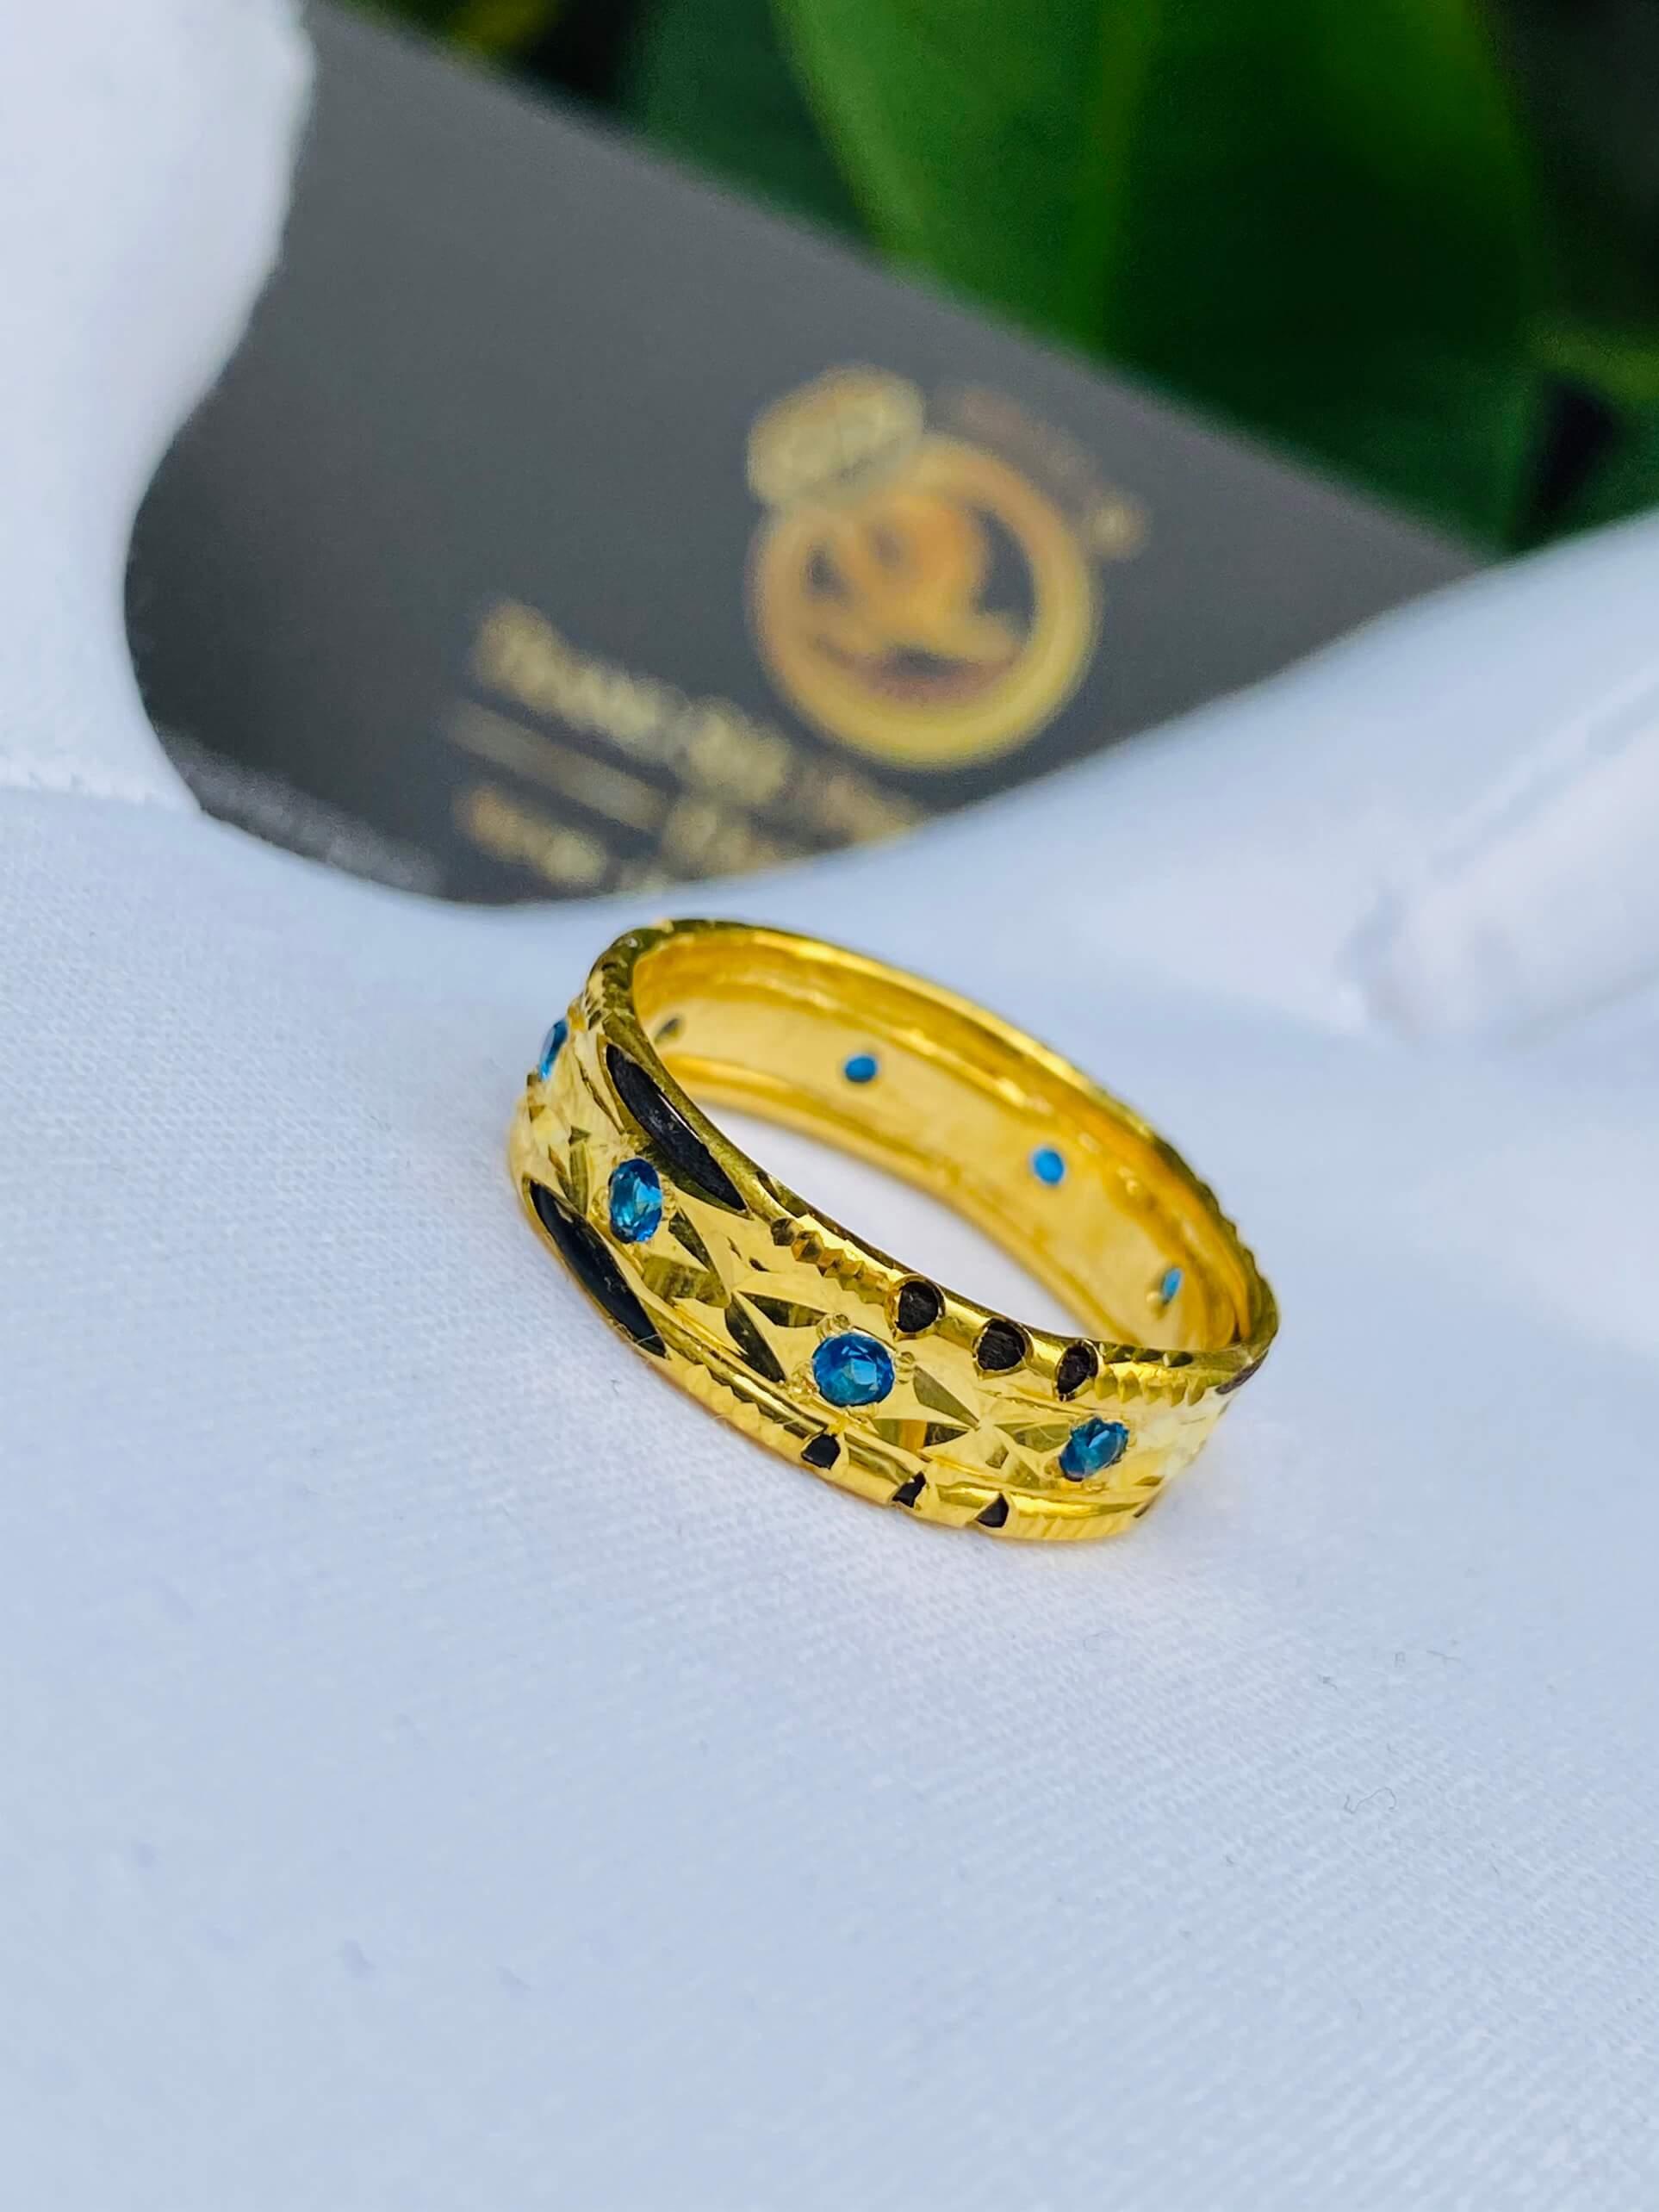 9 viên đá đính trên nhẫn tạo nên sự nổi bật